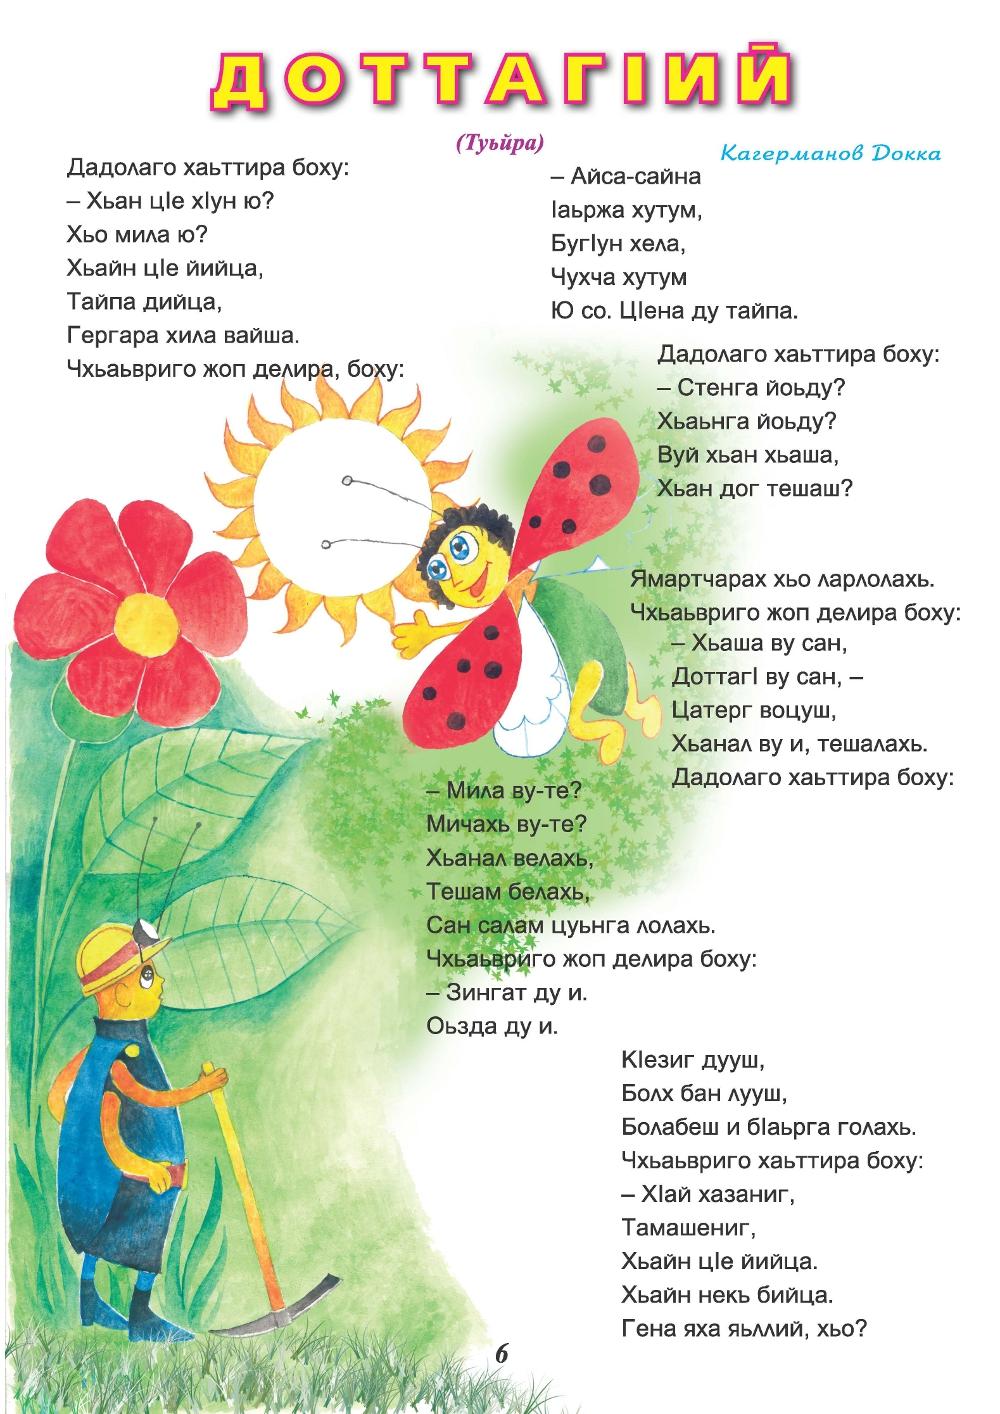 Сказки на чеченском языке, Туьйранаш